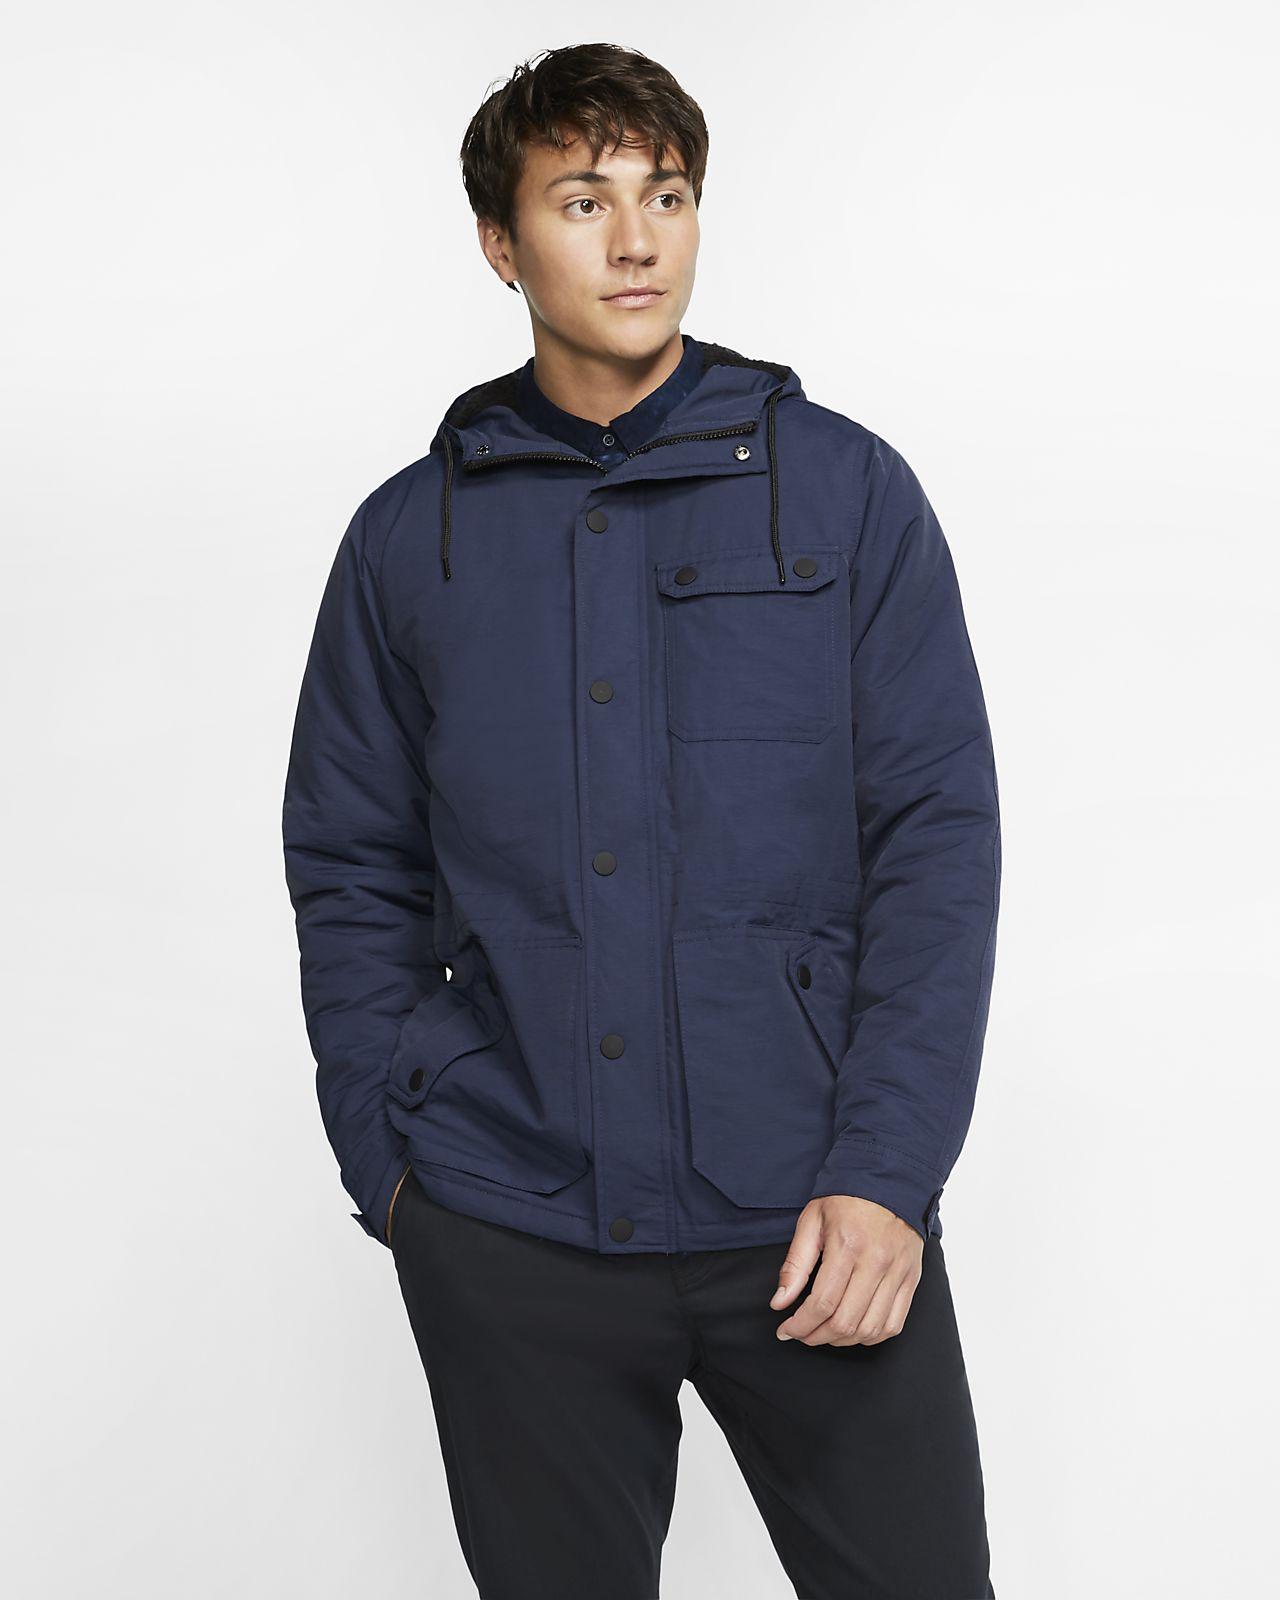 Hurley Slammer Men's Jacket